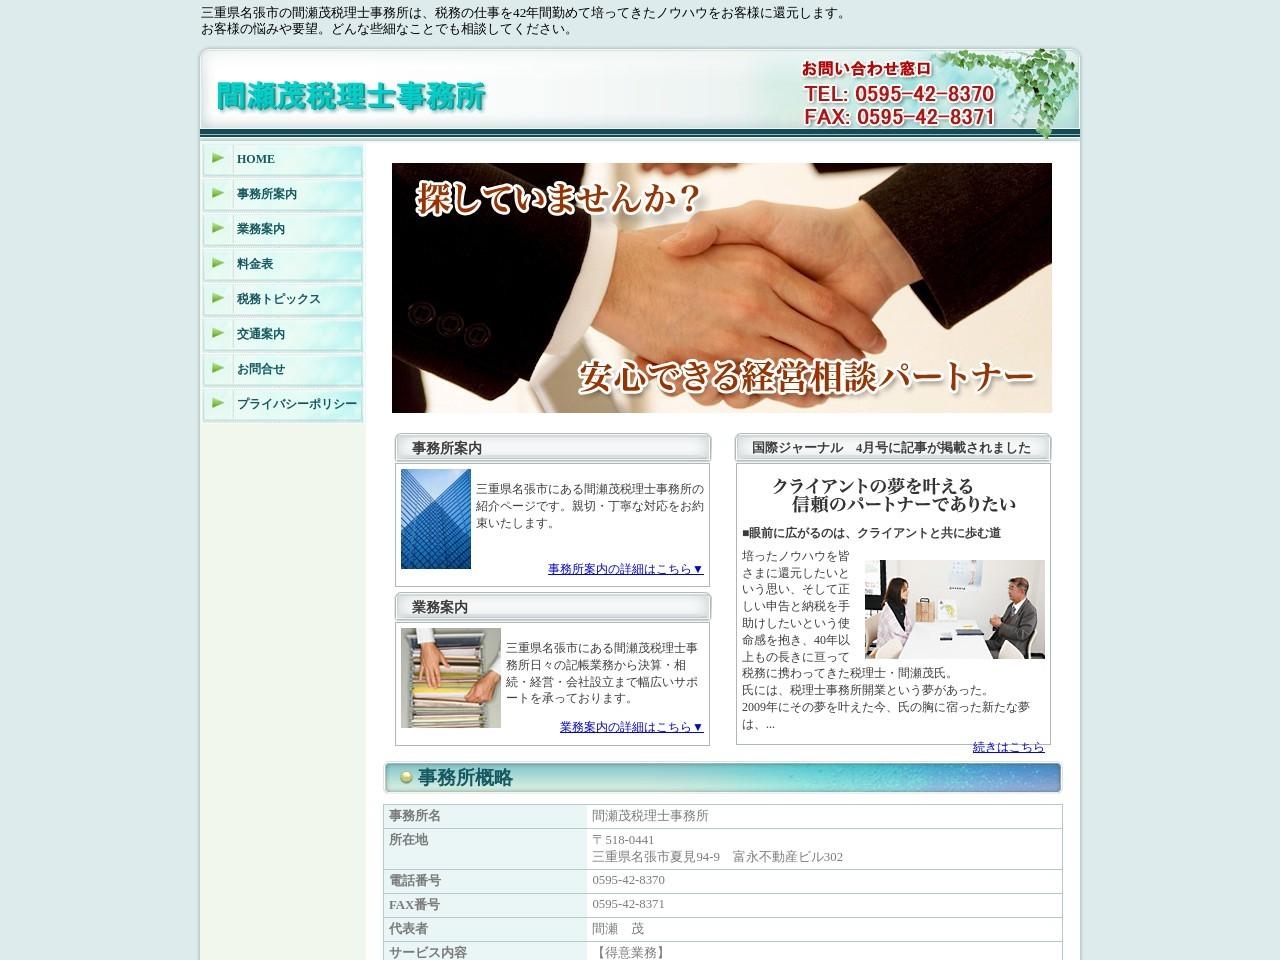 間瀬茂税理士事務所